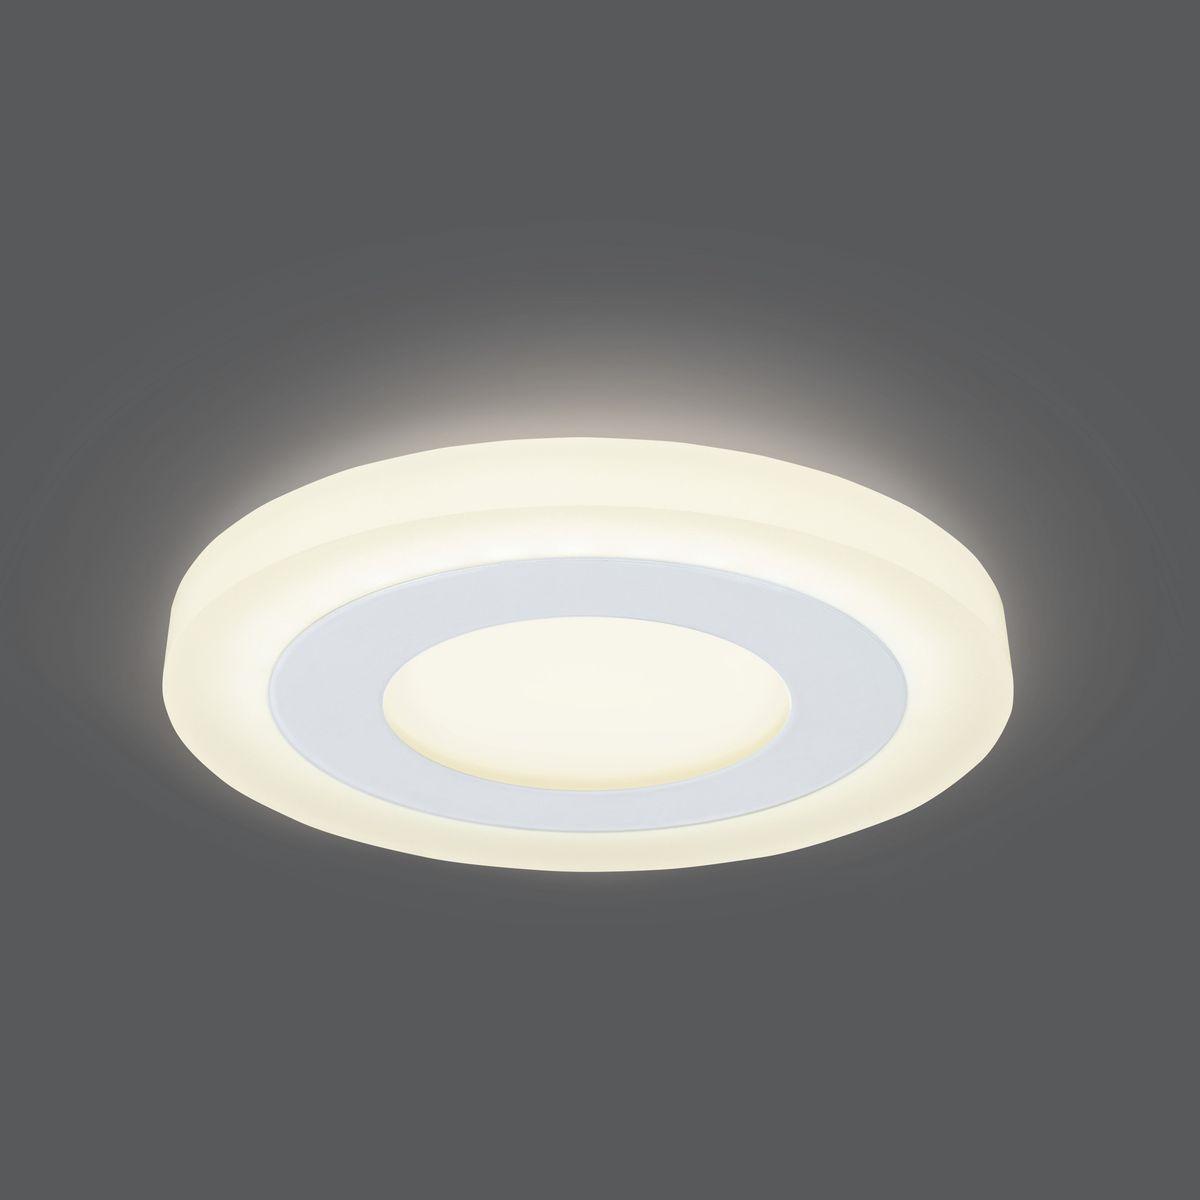 Светильник Gauss Backlight LED, BL114, 3+3W, 3000K, 350Лм, 1/40 gauss встраиваемый светильник gauss backlight bl135 кругл узор черный gu5 3 3w led 4000k 1 40 bl135